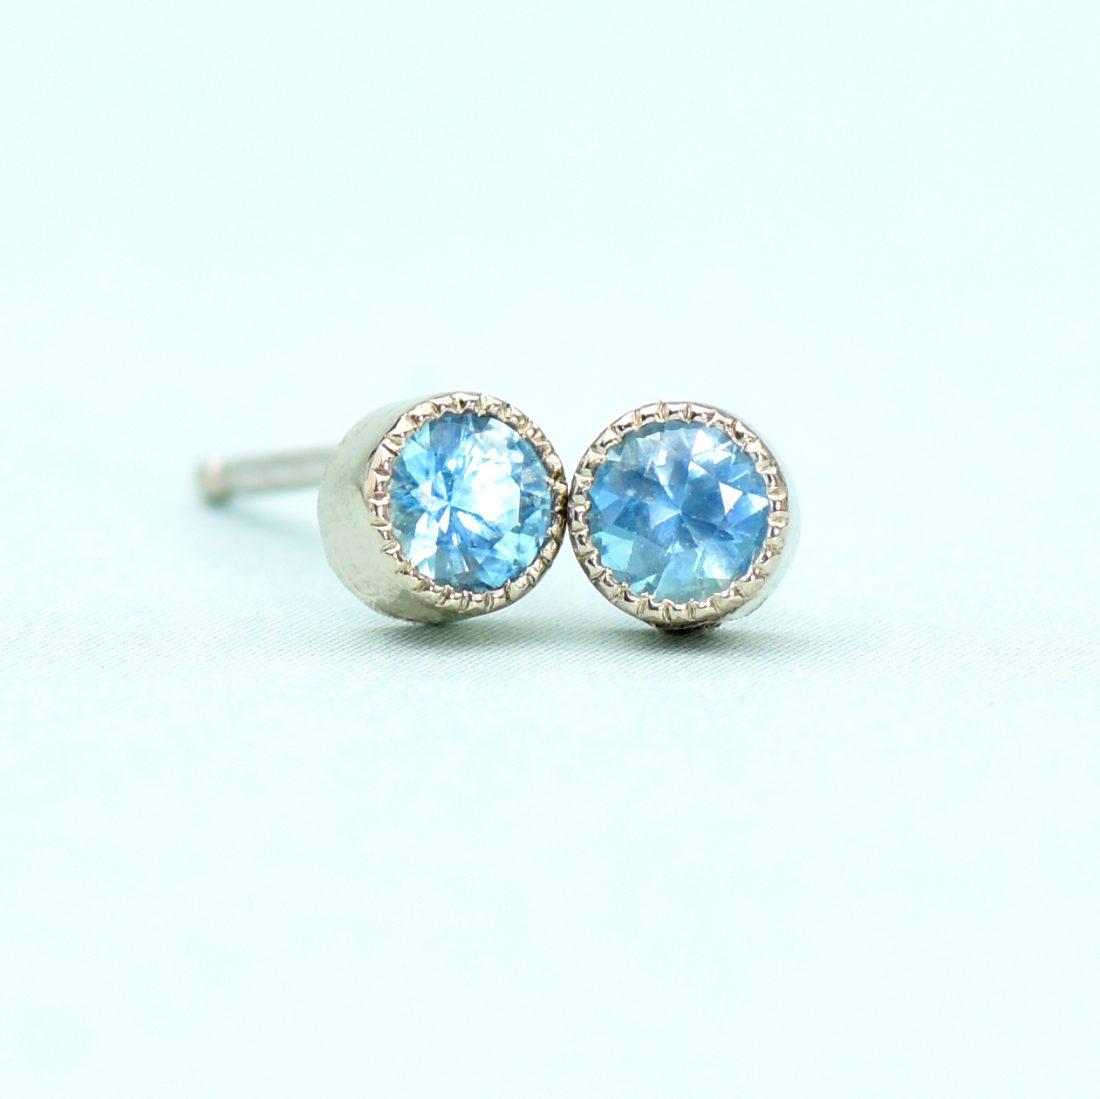 blue topaz stud earrings white gold